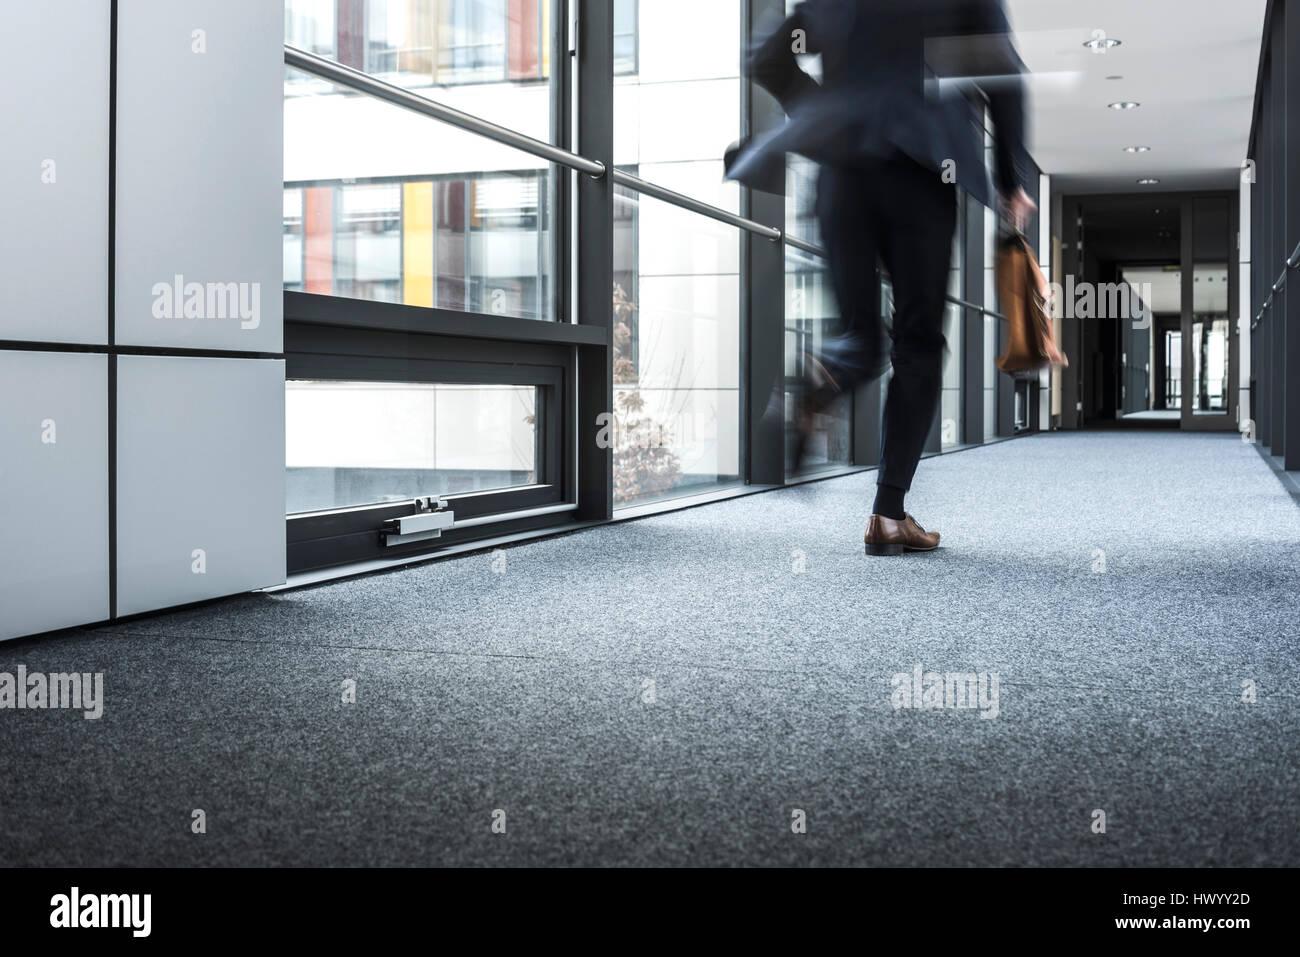 Geschäftsmann im Flur eines Bürogebäudes Stockbild